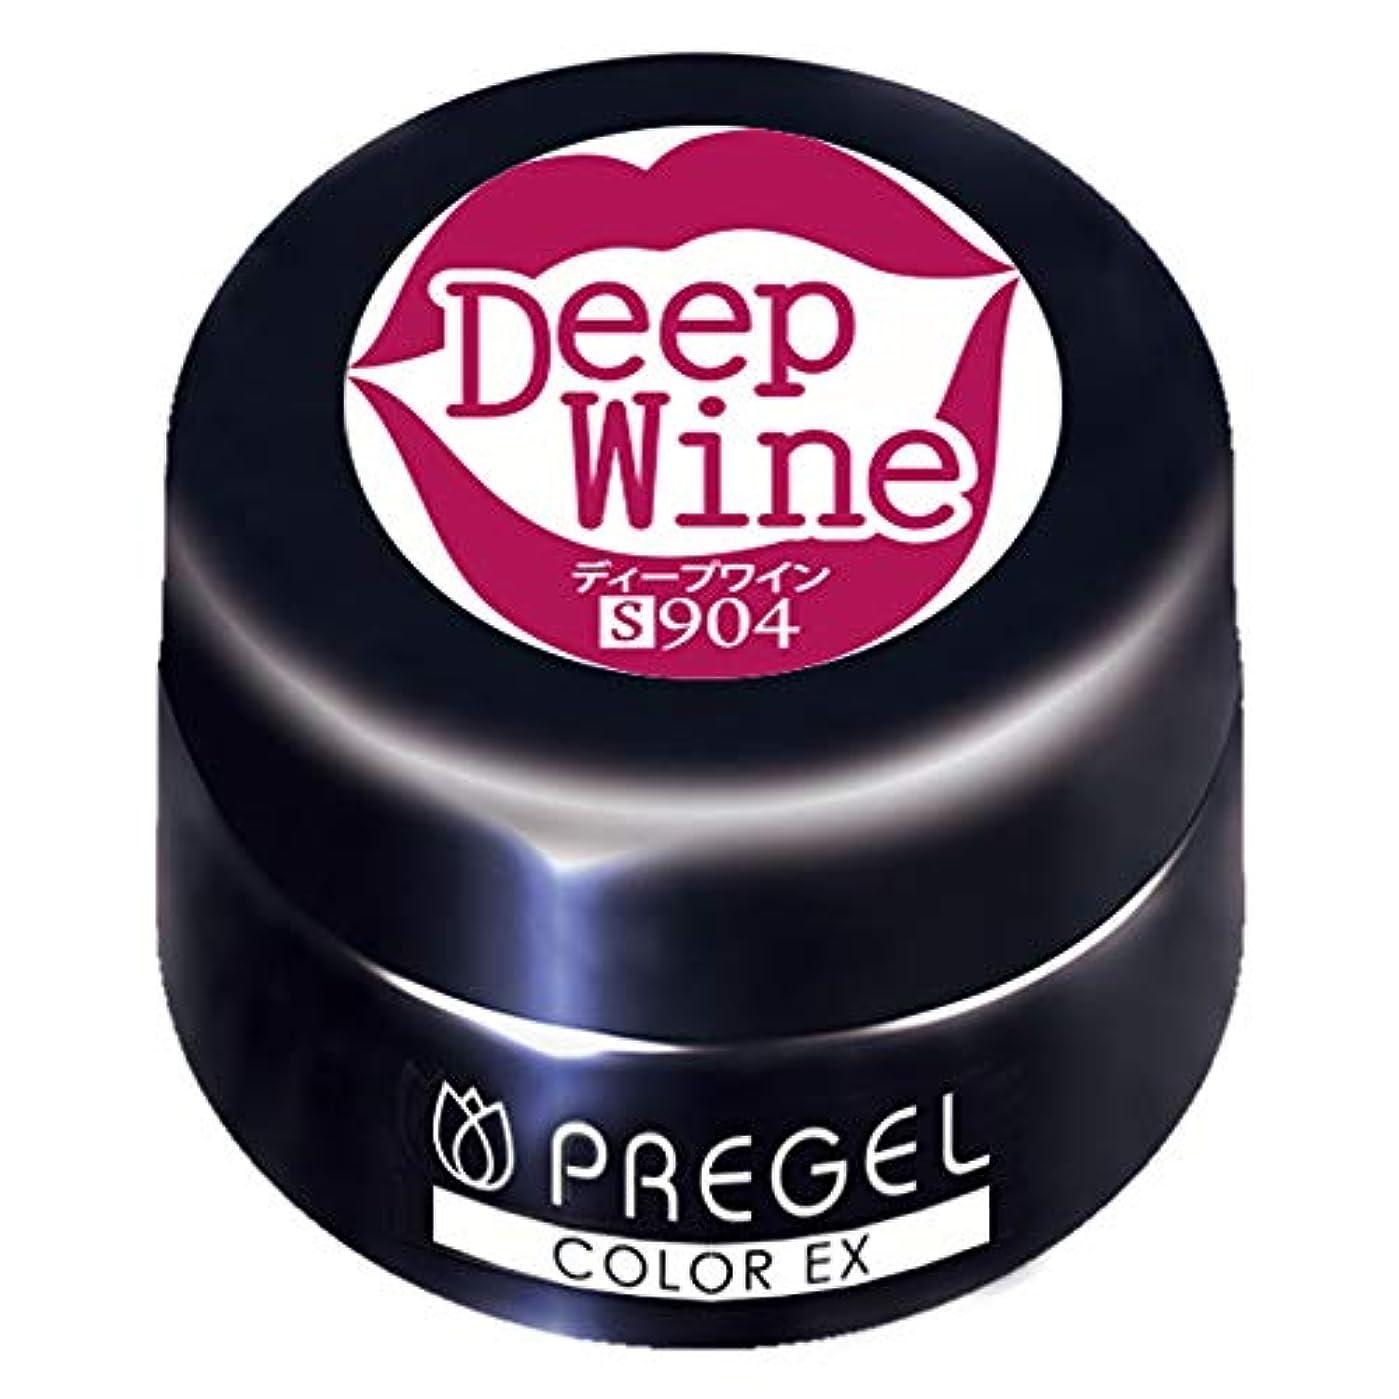 帝国主義有望画像PRE GEL カラーEX ディープワイン 3g PG-CE904